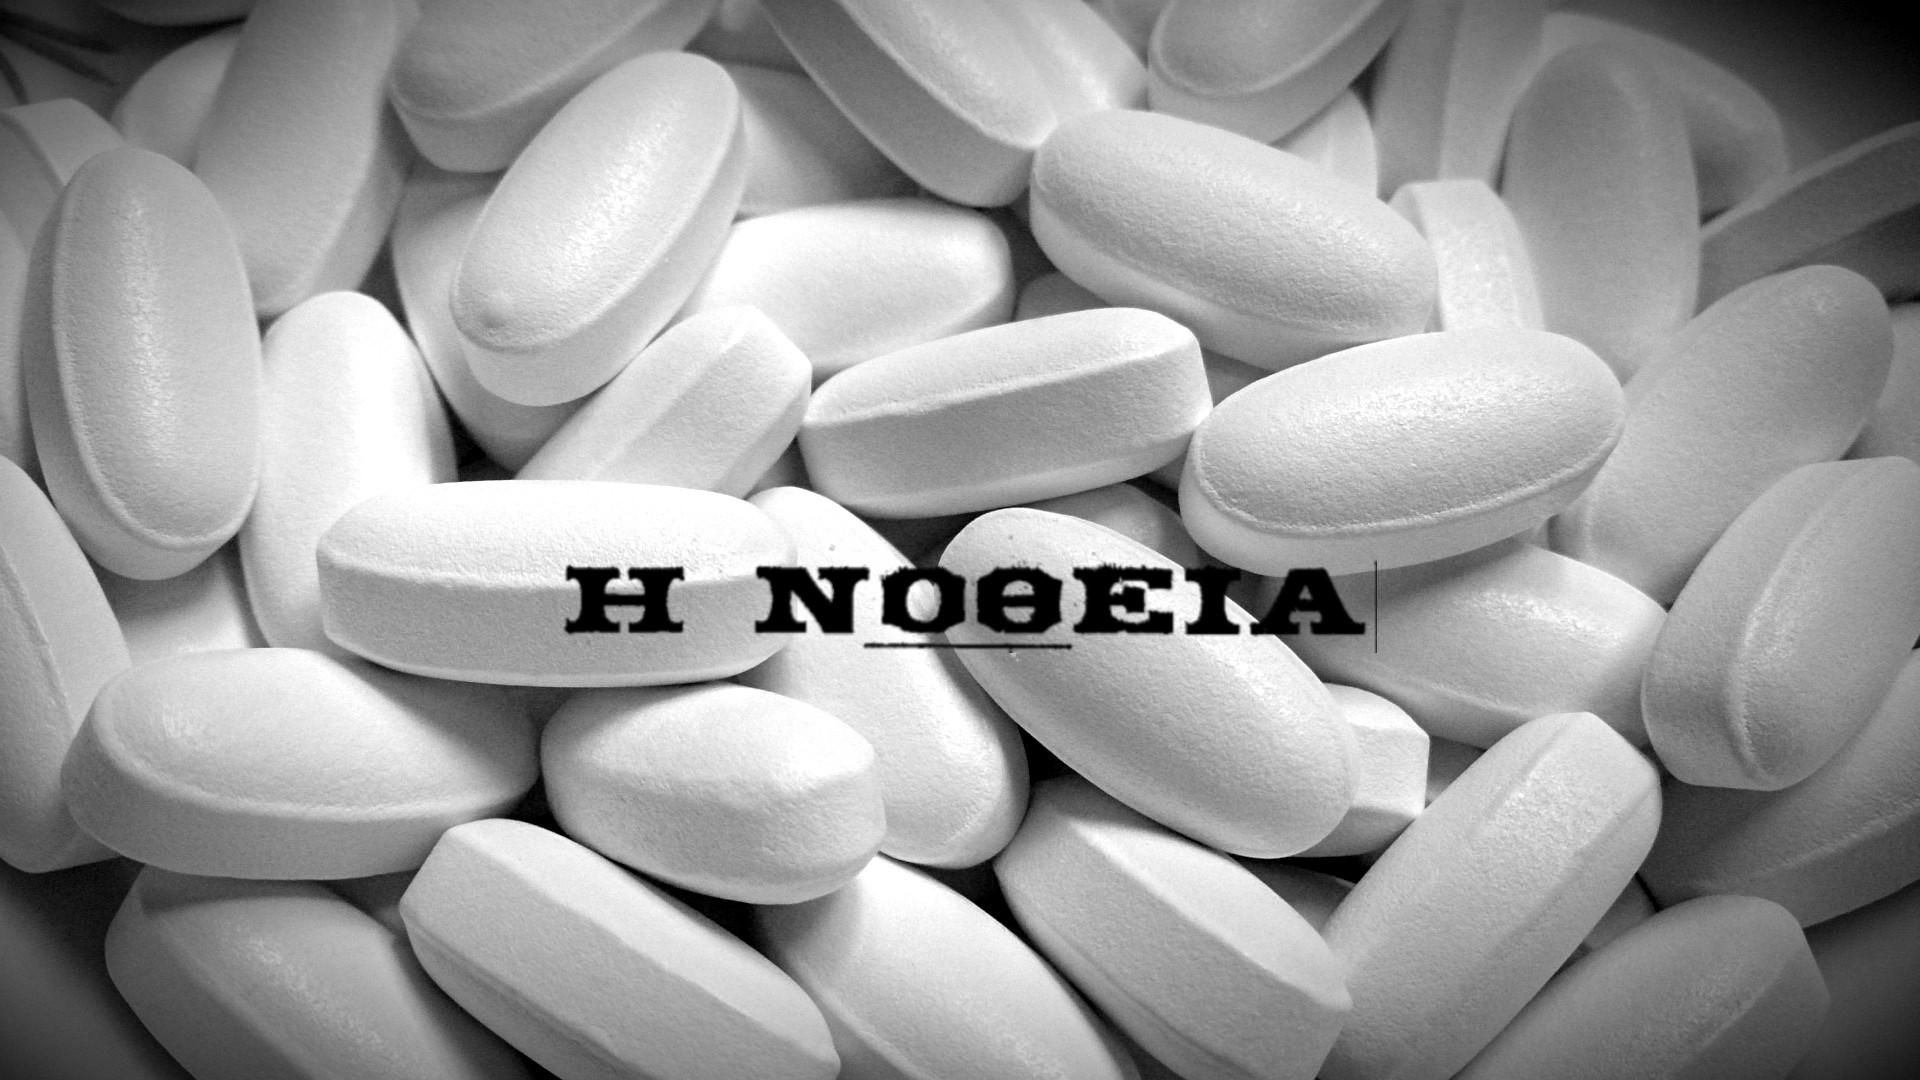 Το φαρμακευτικό σκάνδαλο της νοθευμένης κινίνης που ξεσήκωσε όλη την χώρα. Κατηγορήθηκε ένας επιστήμονας, διαπομπεύθηκε και τελικά δεν υπήρχε καν σκάνδαλο